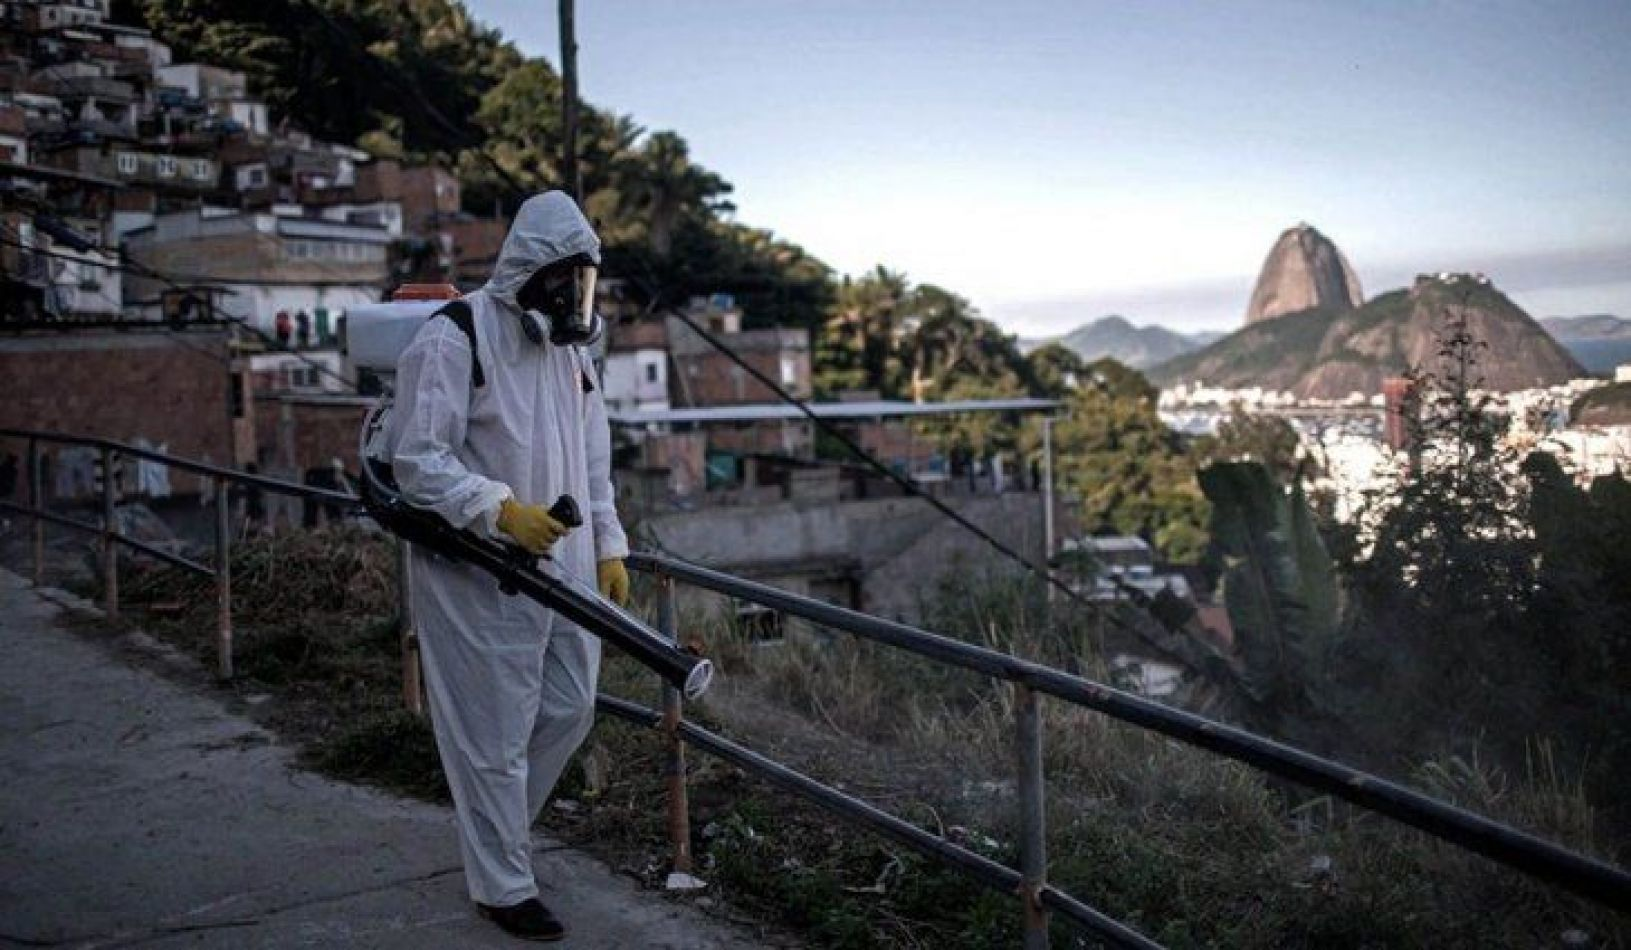 Fin de las restricciones: Río de Janeiro prepara cuatro días de fiestas callejeras